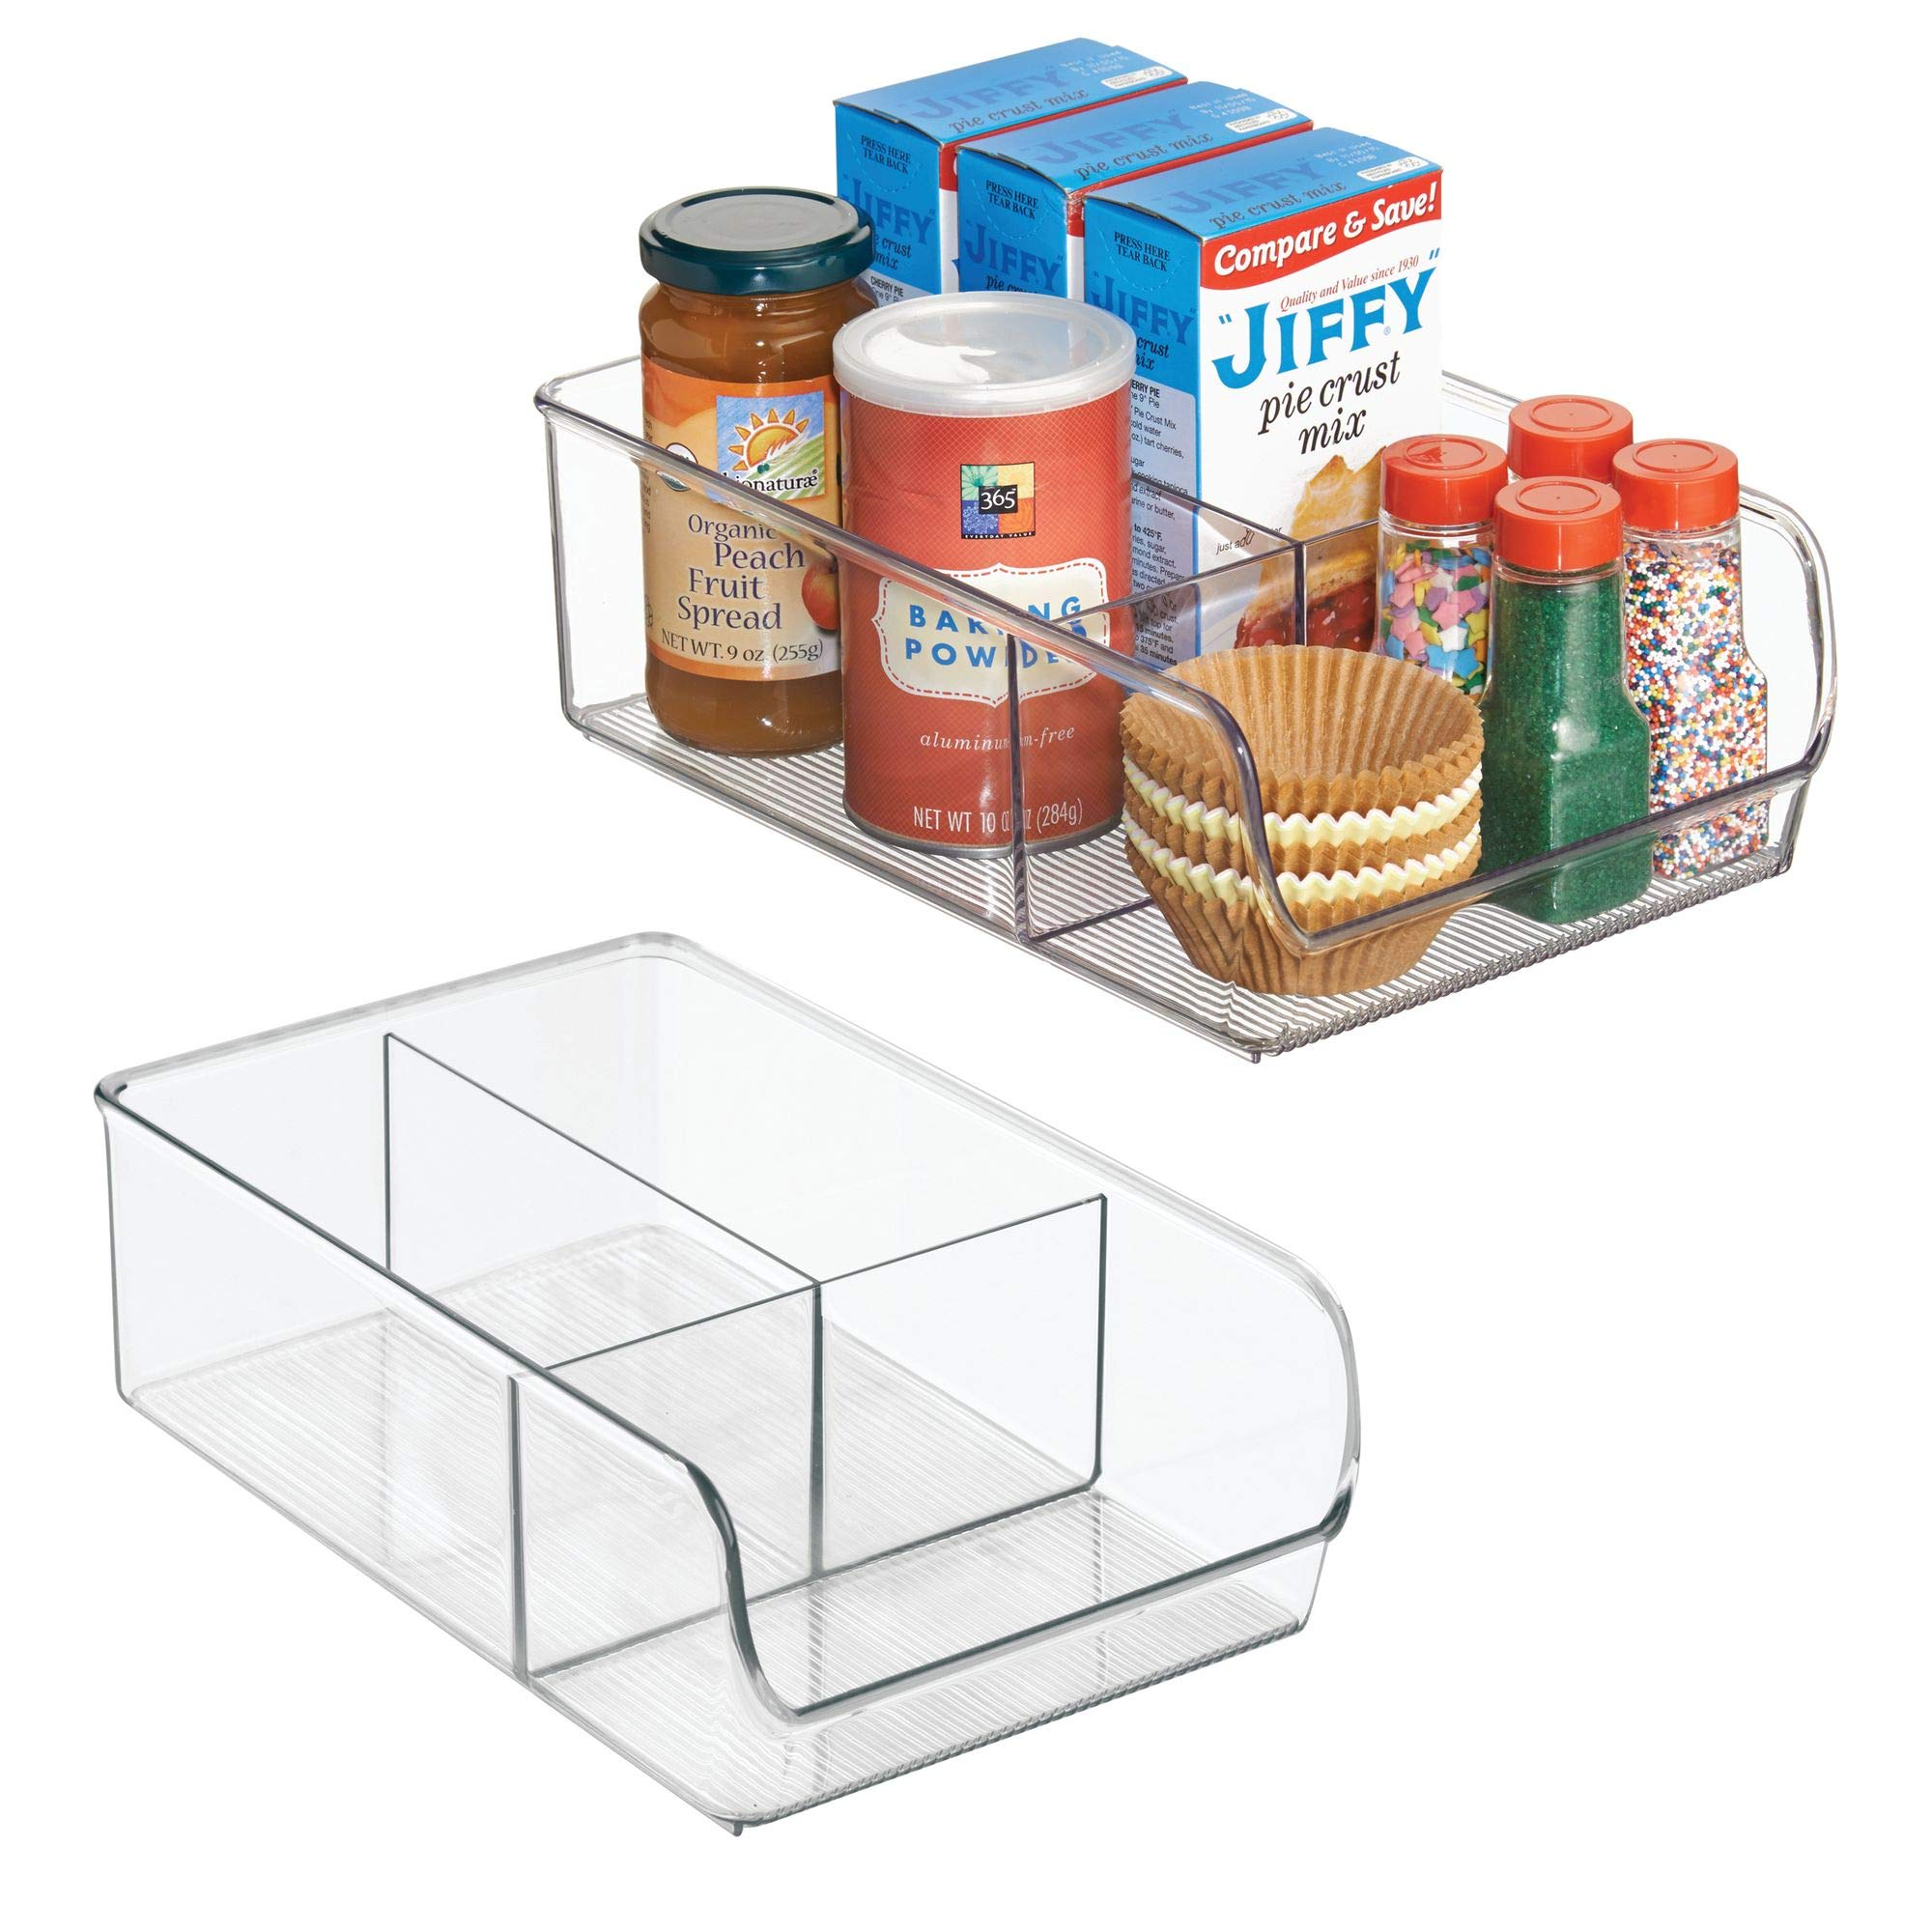 InterDesign Linus Organizador para la cocina, caja organizadora de plástico antirrotura extragrande con 3 apartados